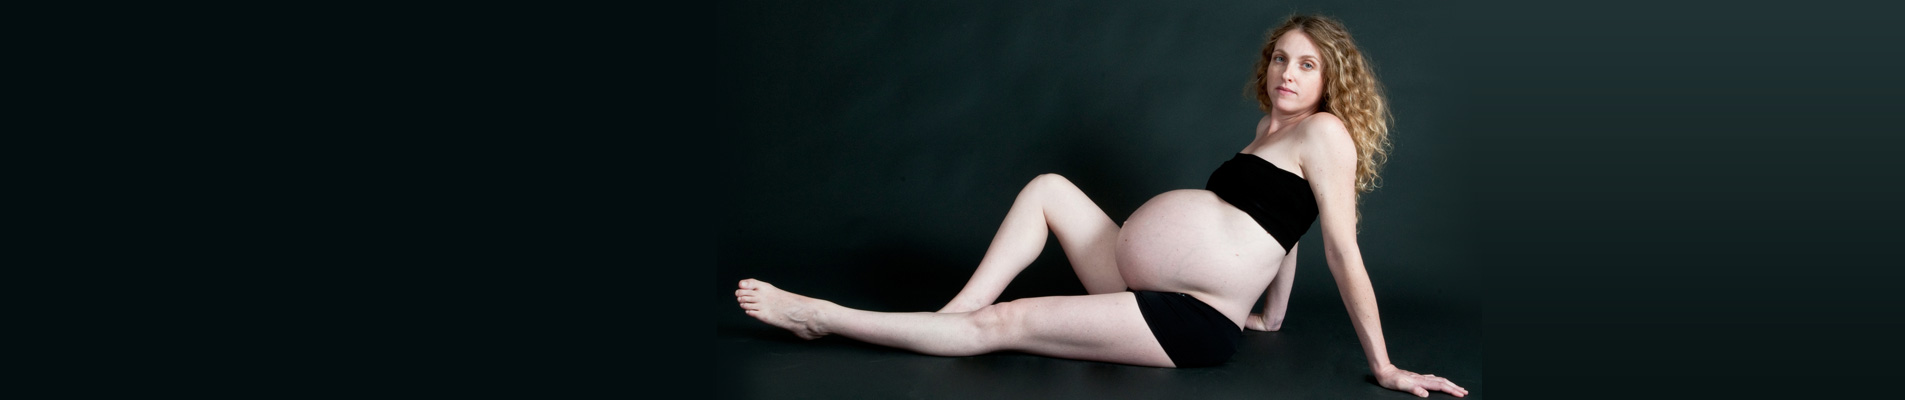 צילום הריון בסטודיו משק 8